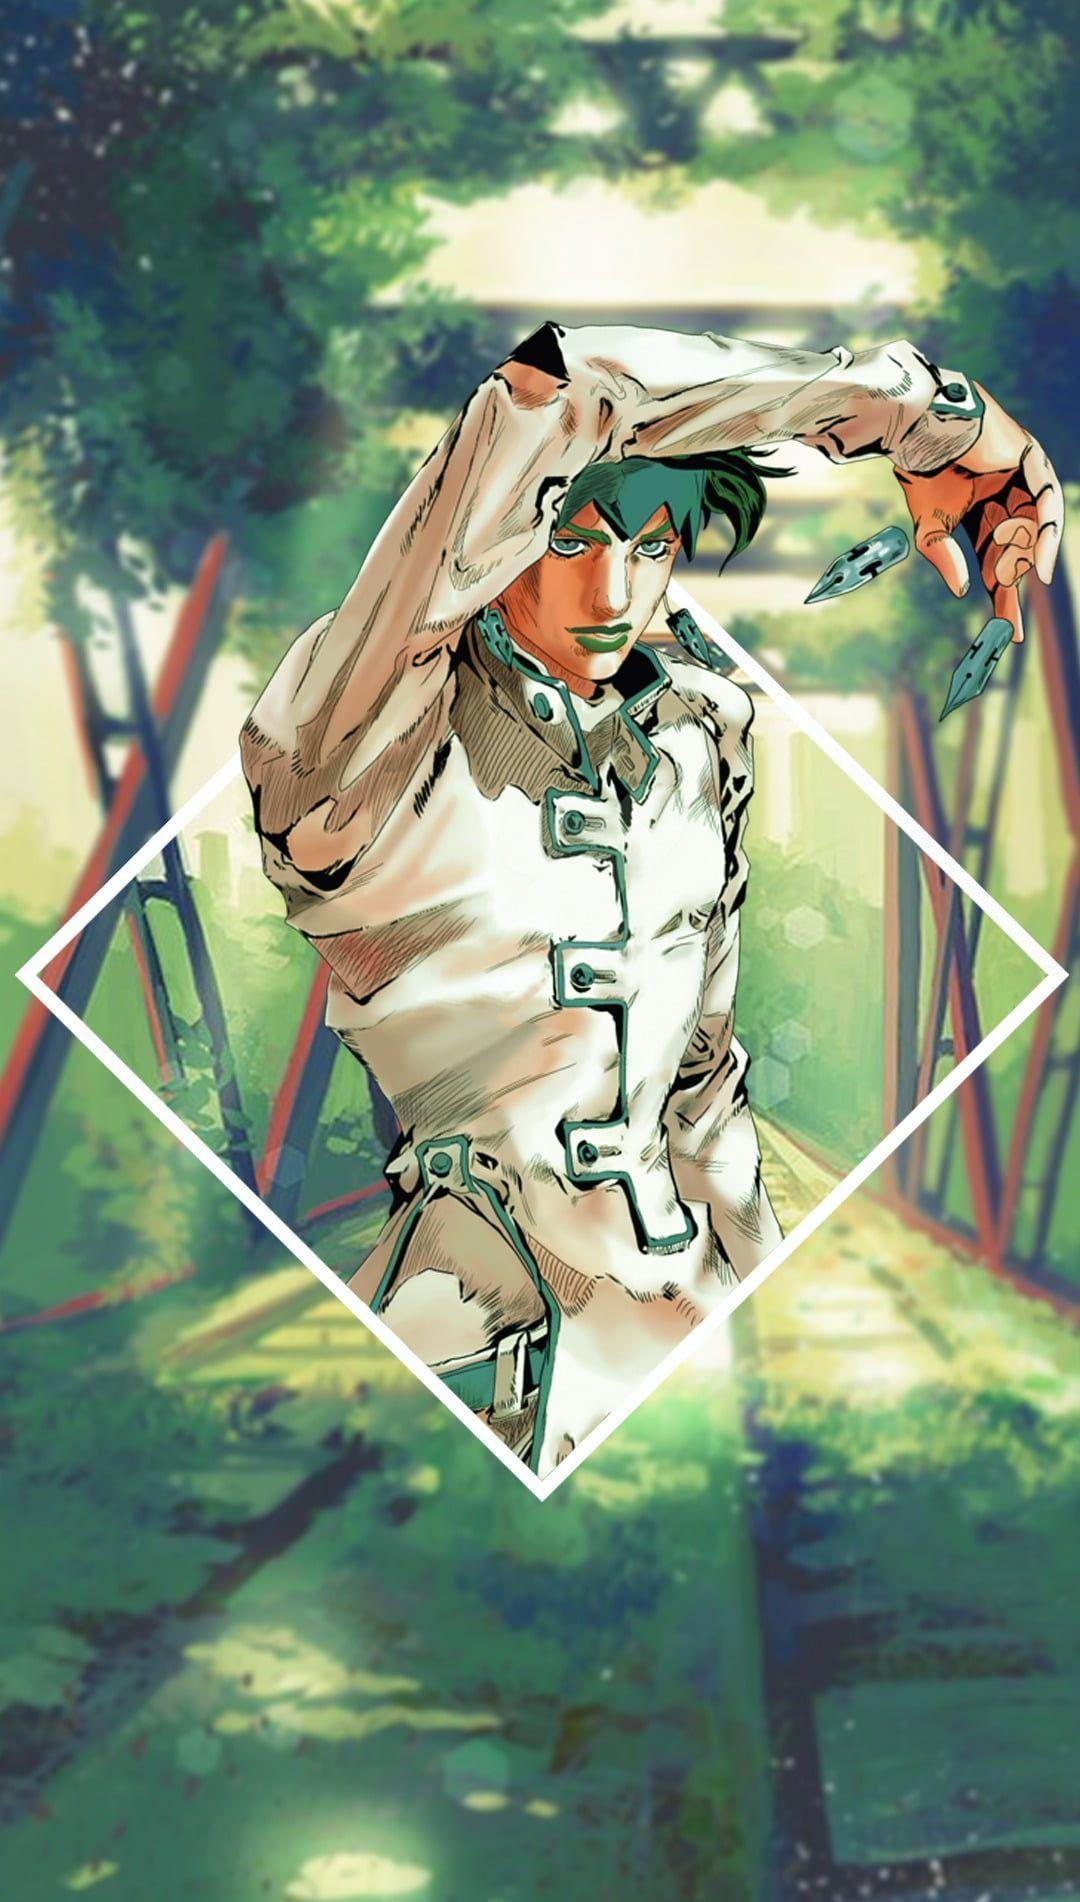 Jojo Iphone Wallpapers Top Free Jojo Iphone Backgrounds